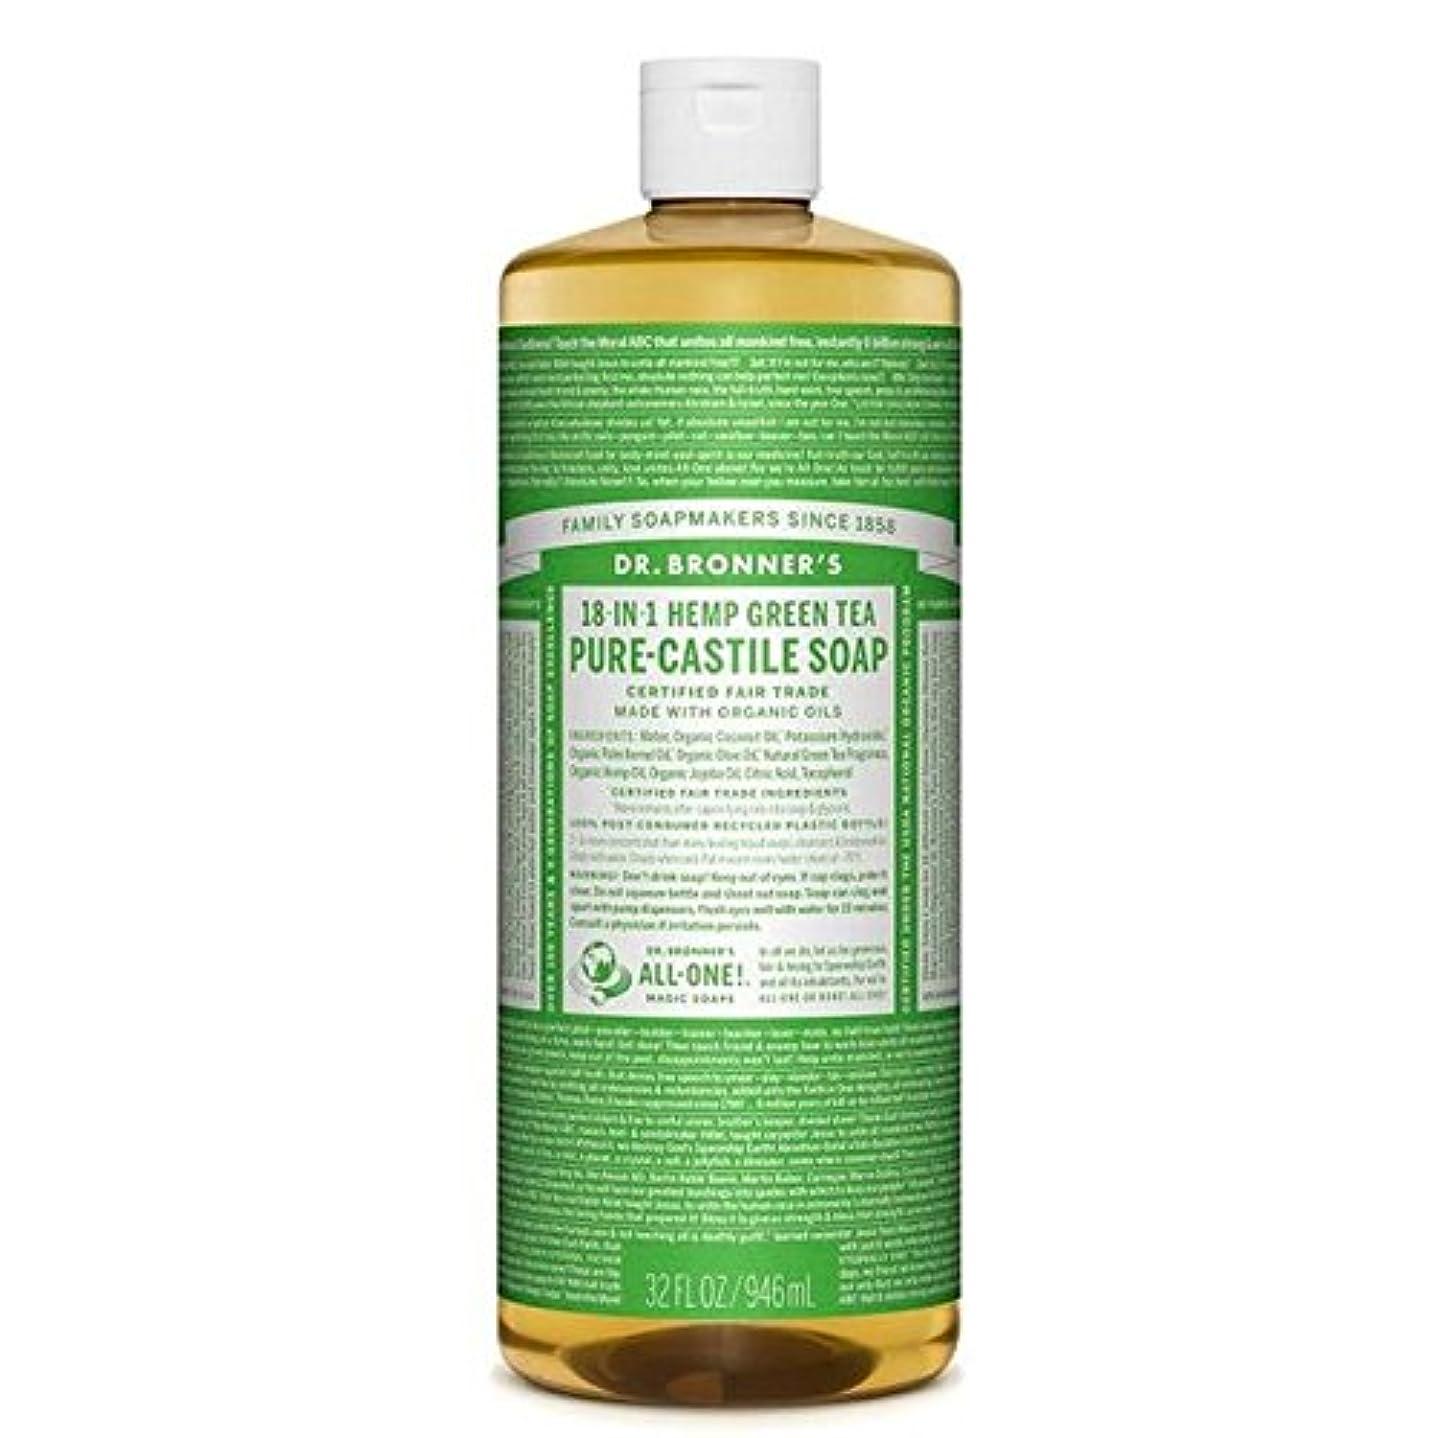 揮発性アレルギー洞察力Dr Bronner Organic Green Tea Castile Liquid Soap 946ml - のブロナー有機緑茶カスティーリャ液体石鹸946ミリリットル [並行輸入品]